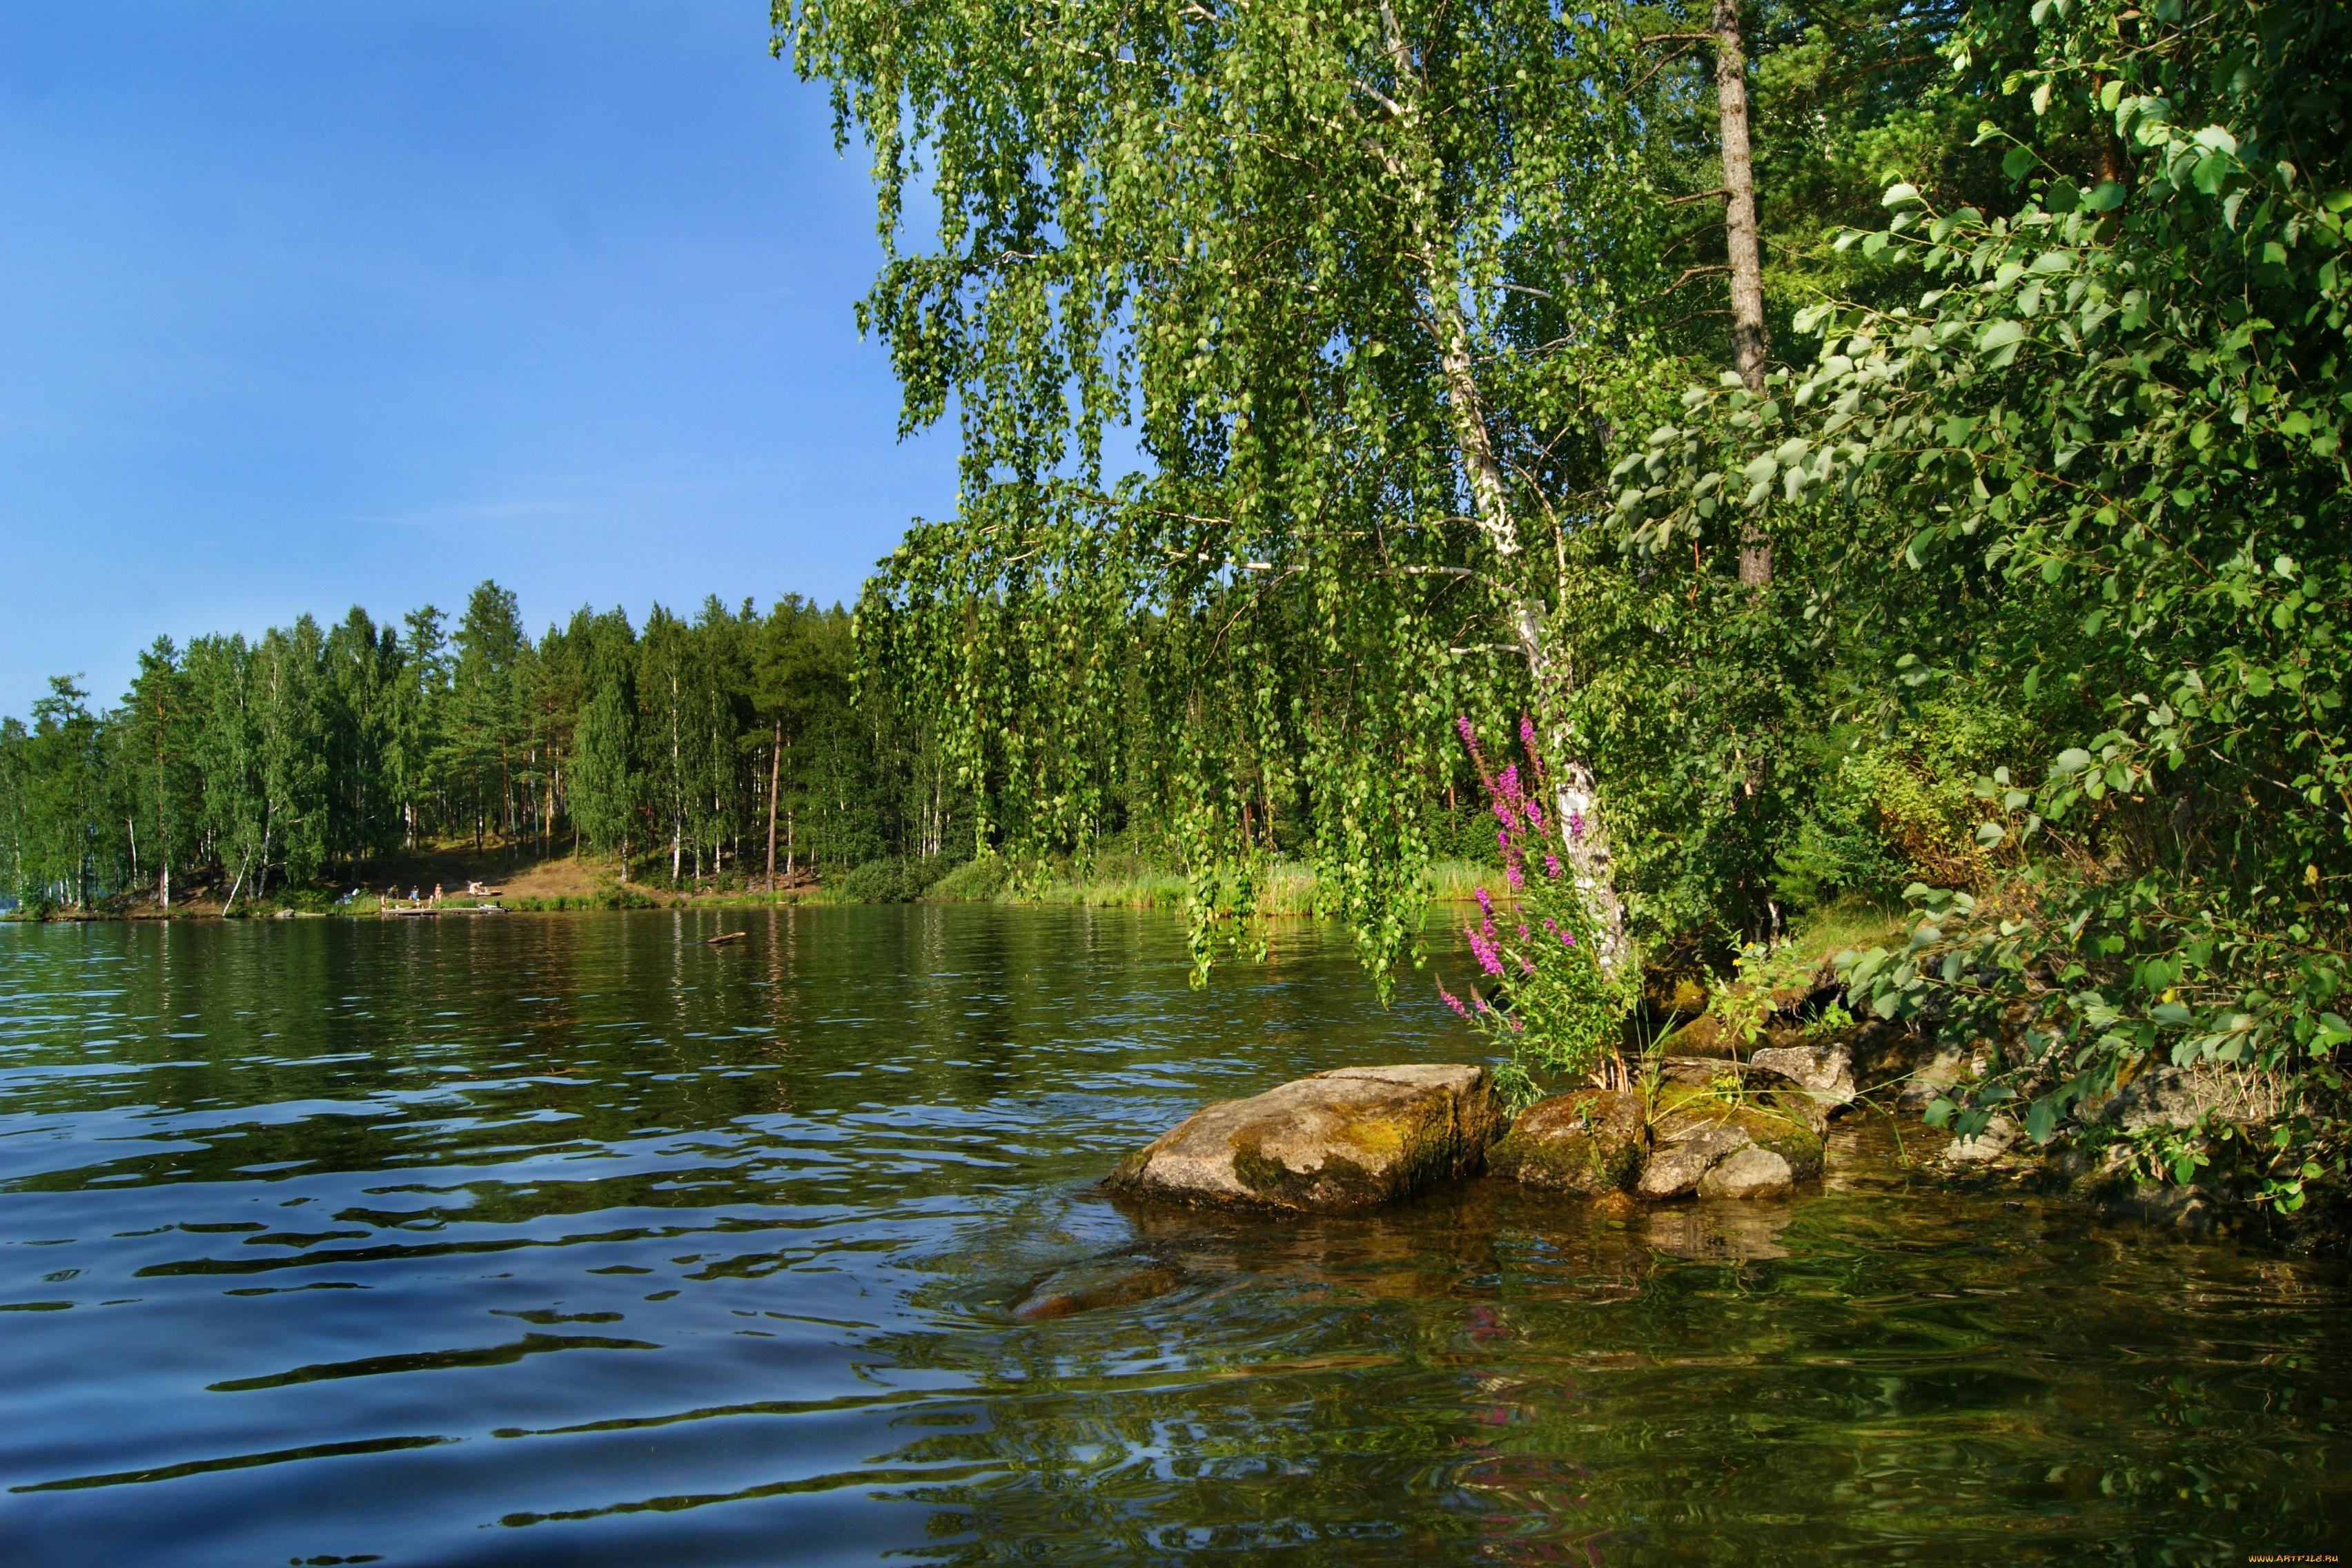 березы берег озеро  № 1195449 бесплатно